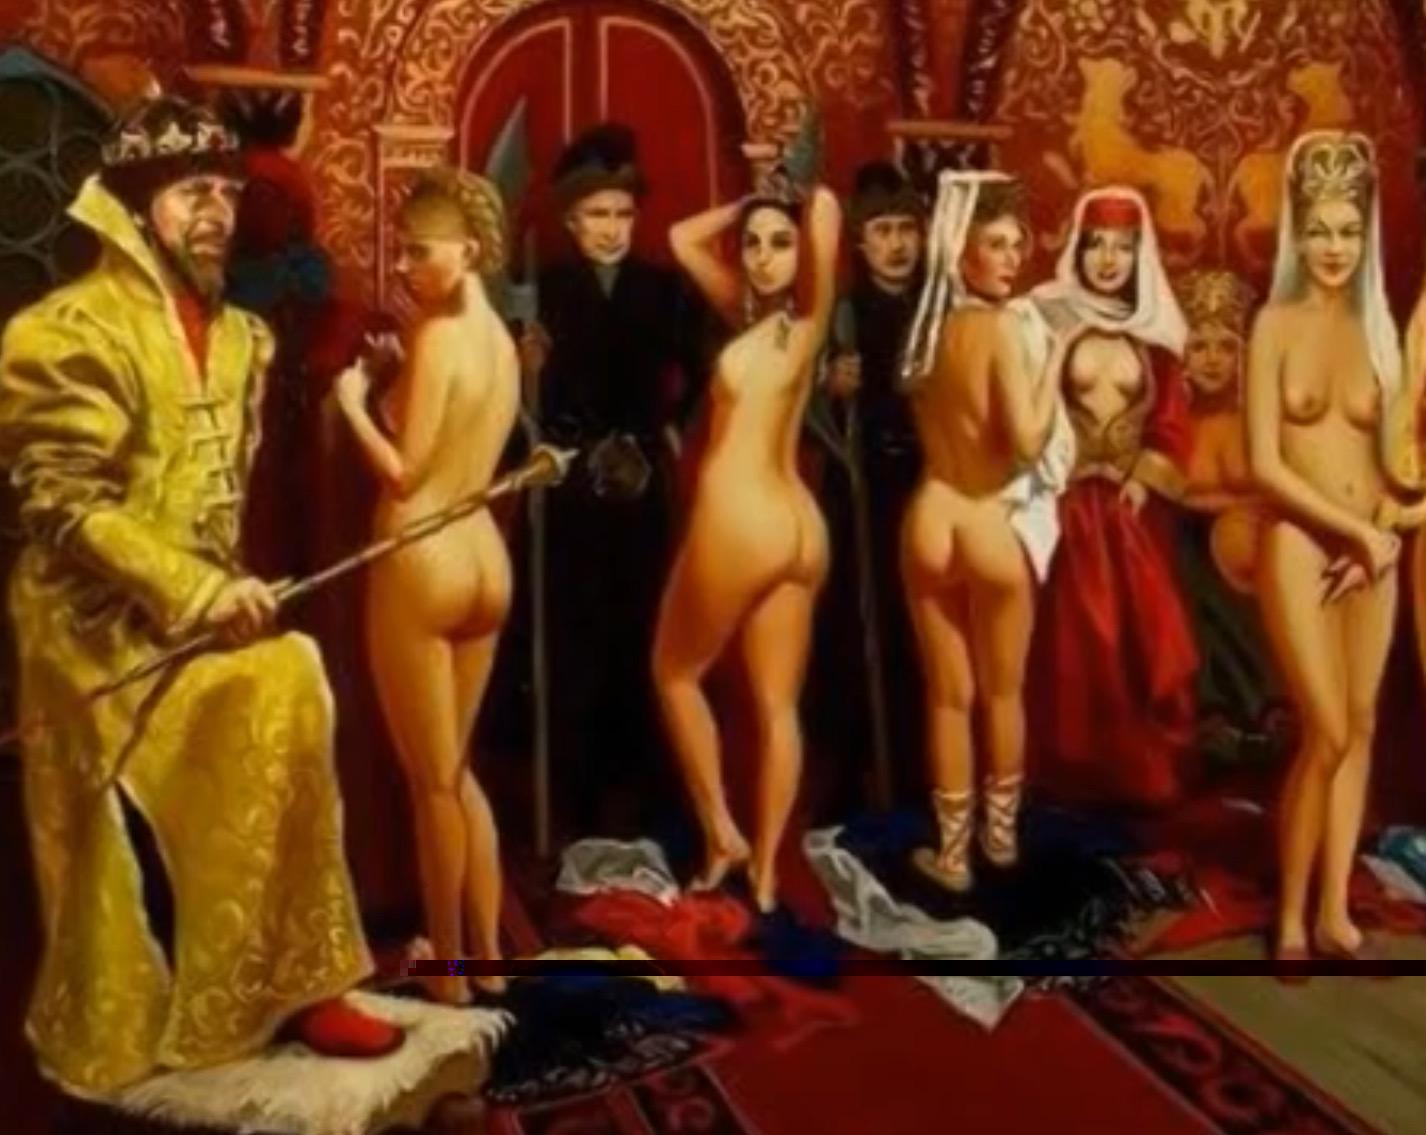 Kings and slaves erotic films online free nudes girl